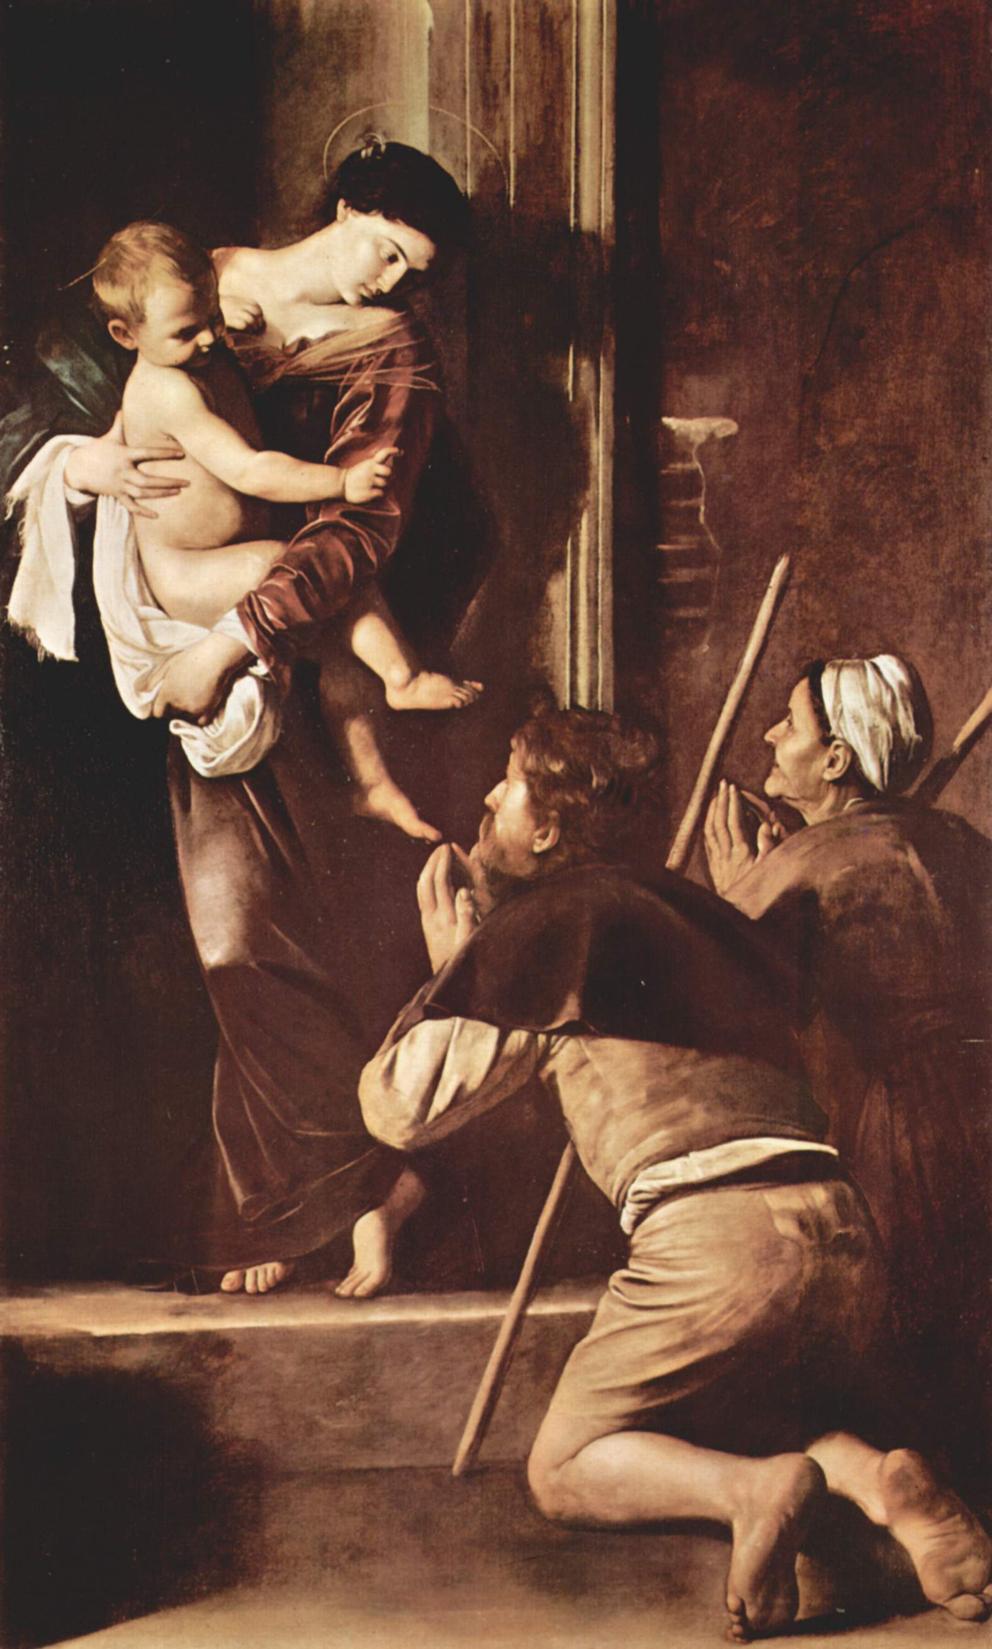 Caravaggio, Madonna dei pellegrini o di Loreto, 1604-1606